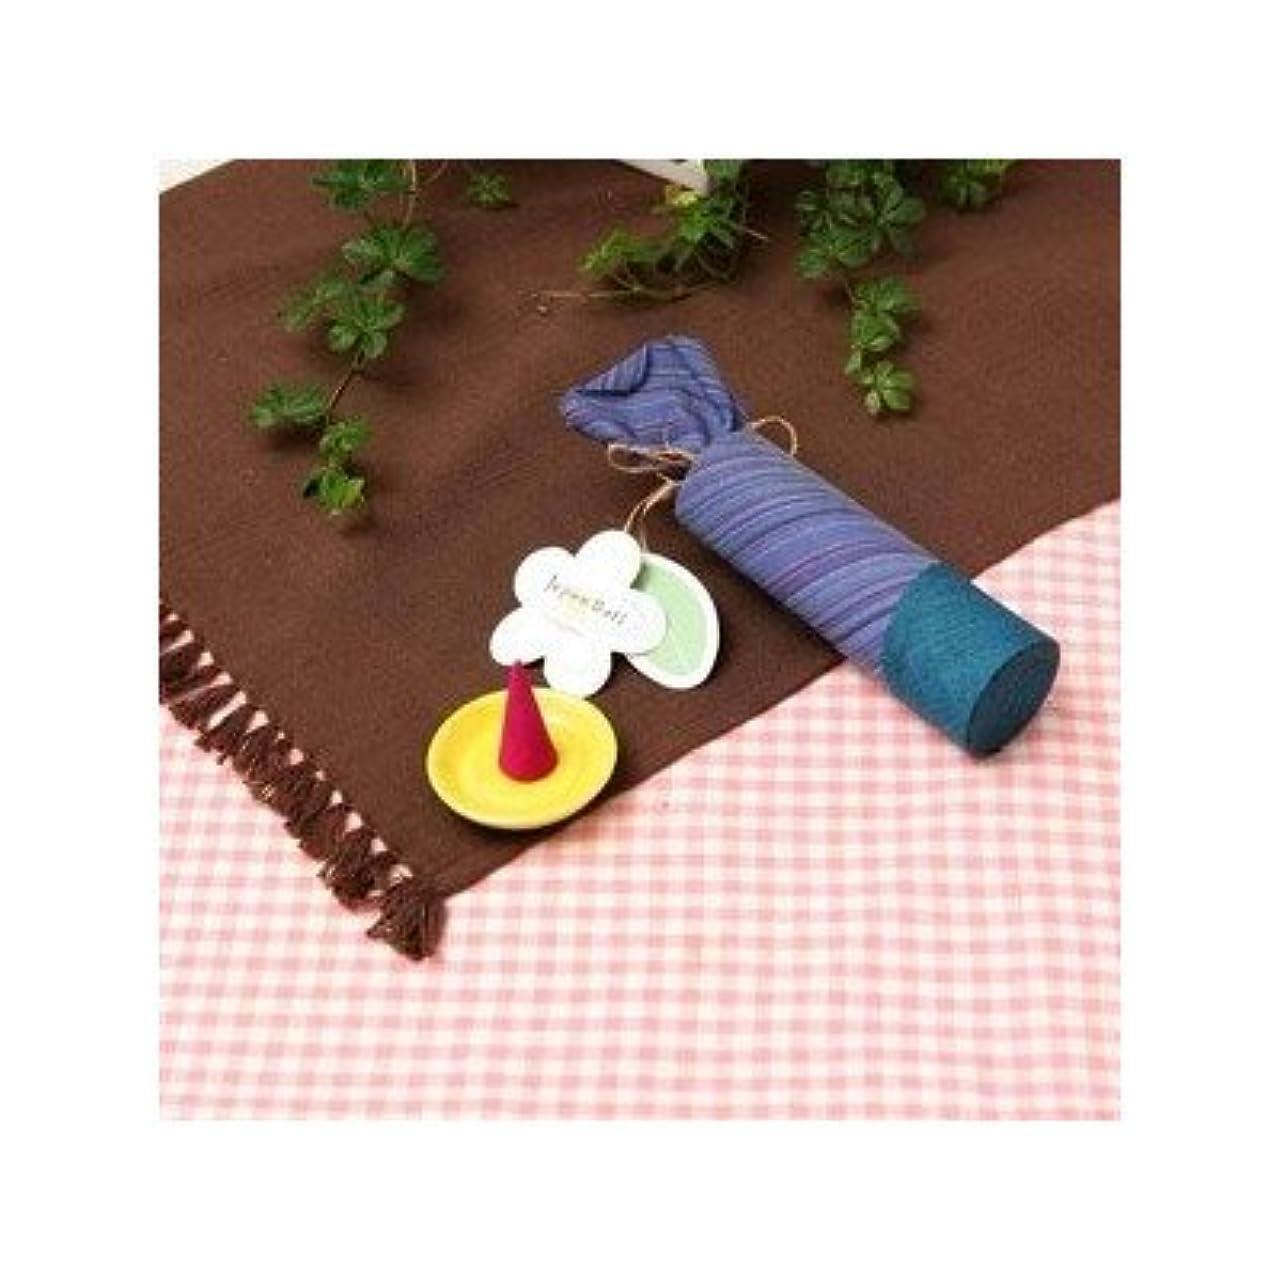 不利益成功したアーティストお香/インセンス 〔ラベンダーの香り コーンタイプ10個入り〕 バリ島製 「Jupen Bari ジュプンバリ」[通販用梱包品]